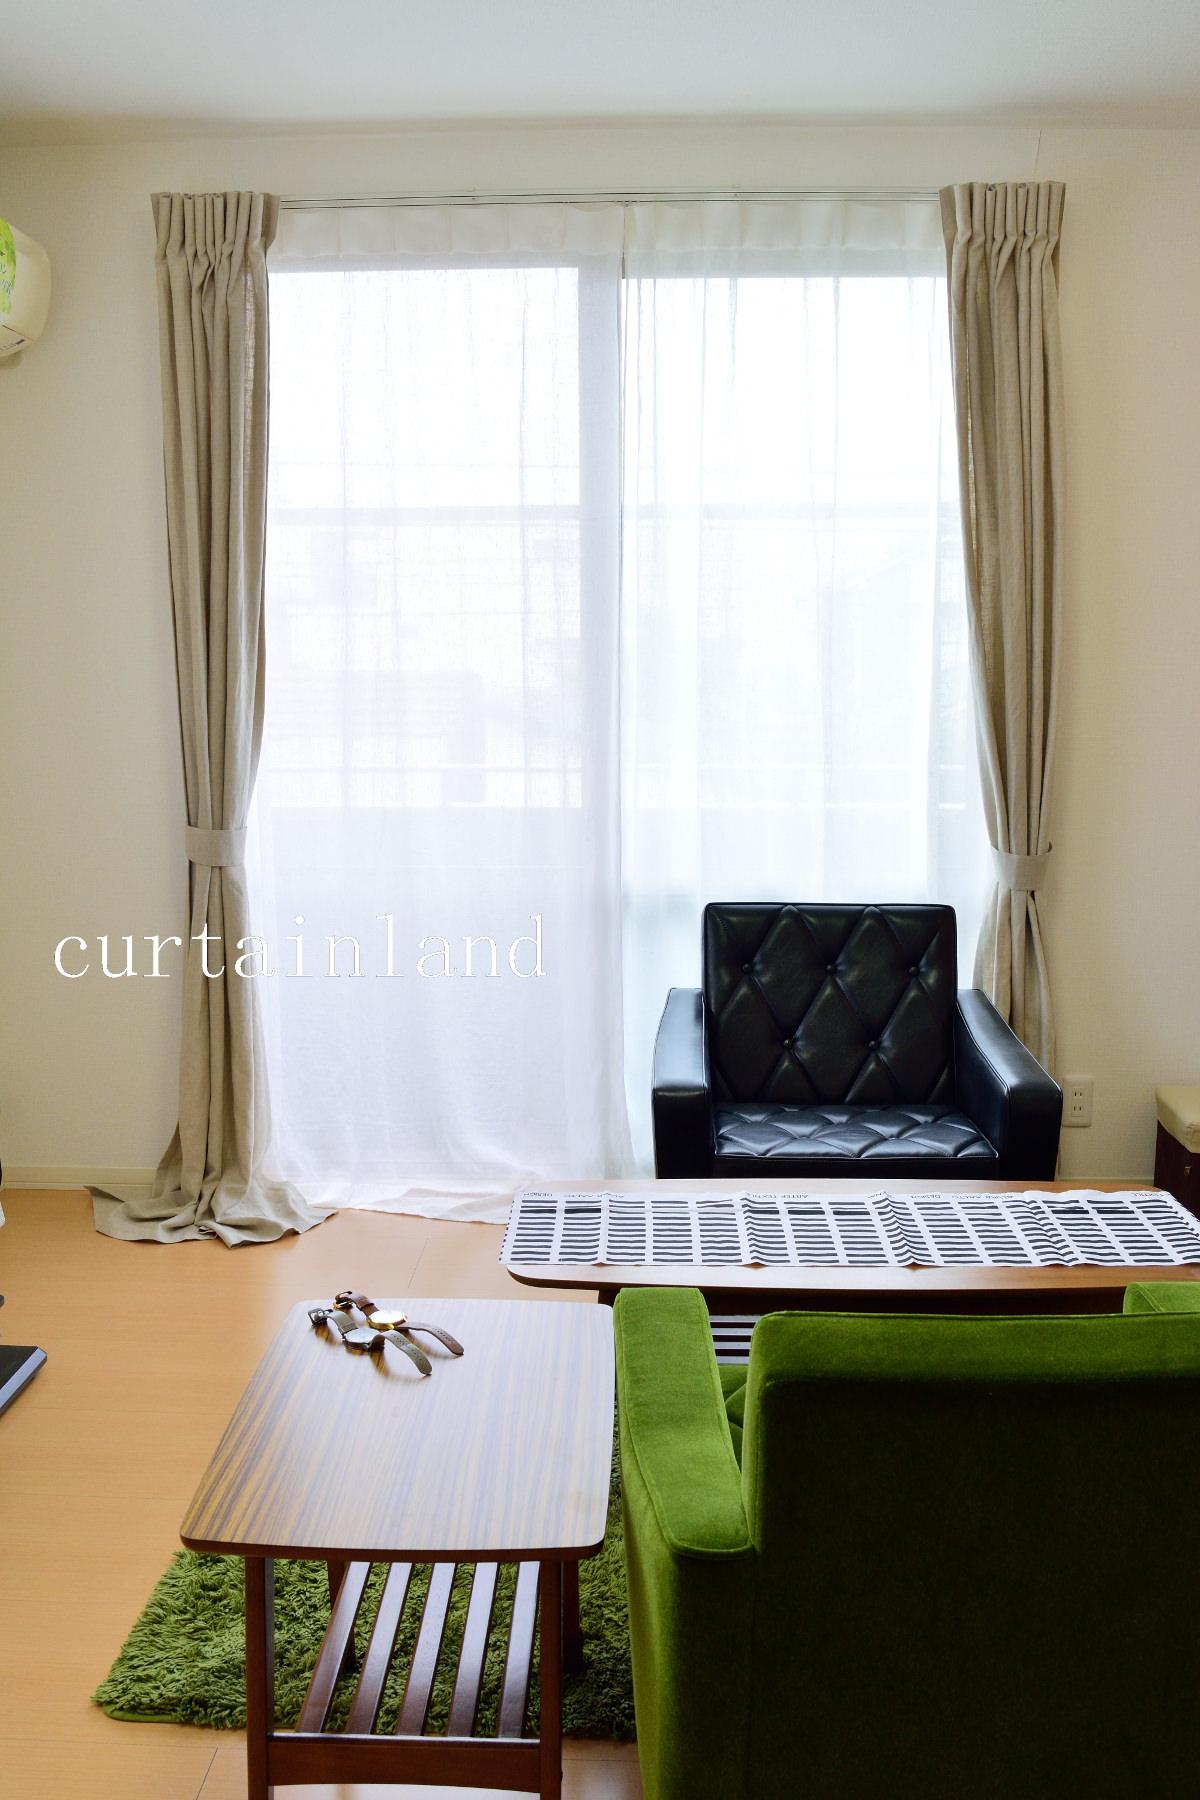 ブラック&グリーンのソファにリネンカーテン